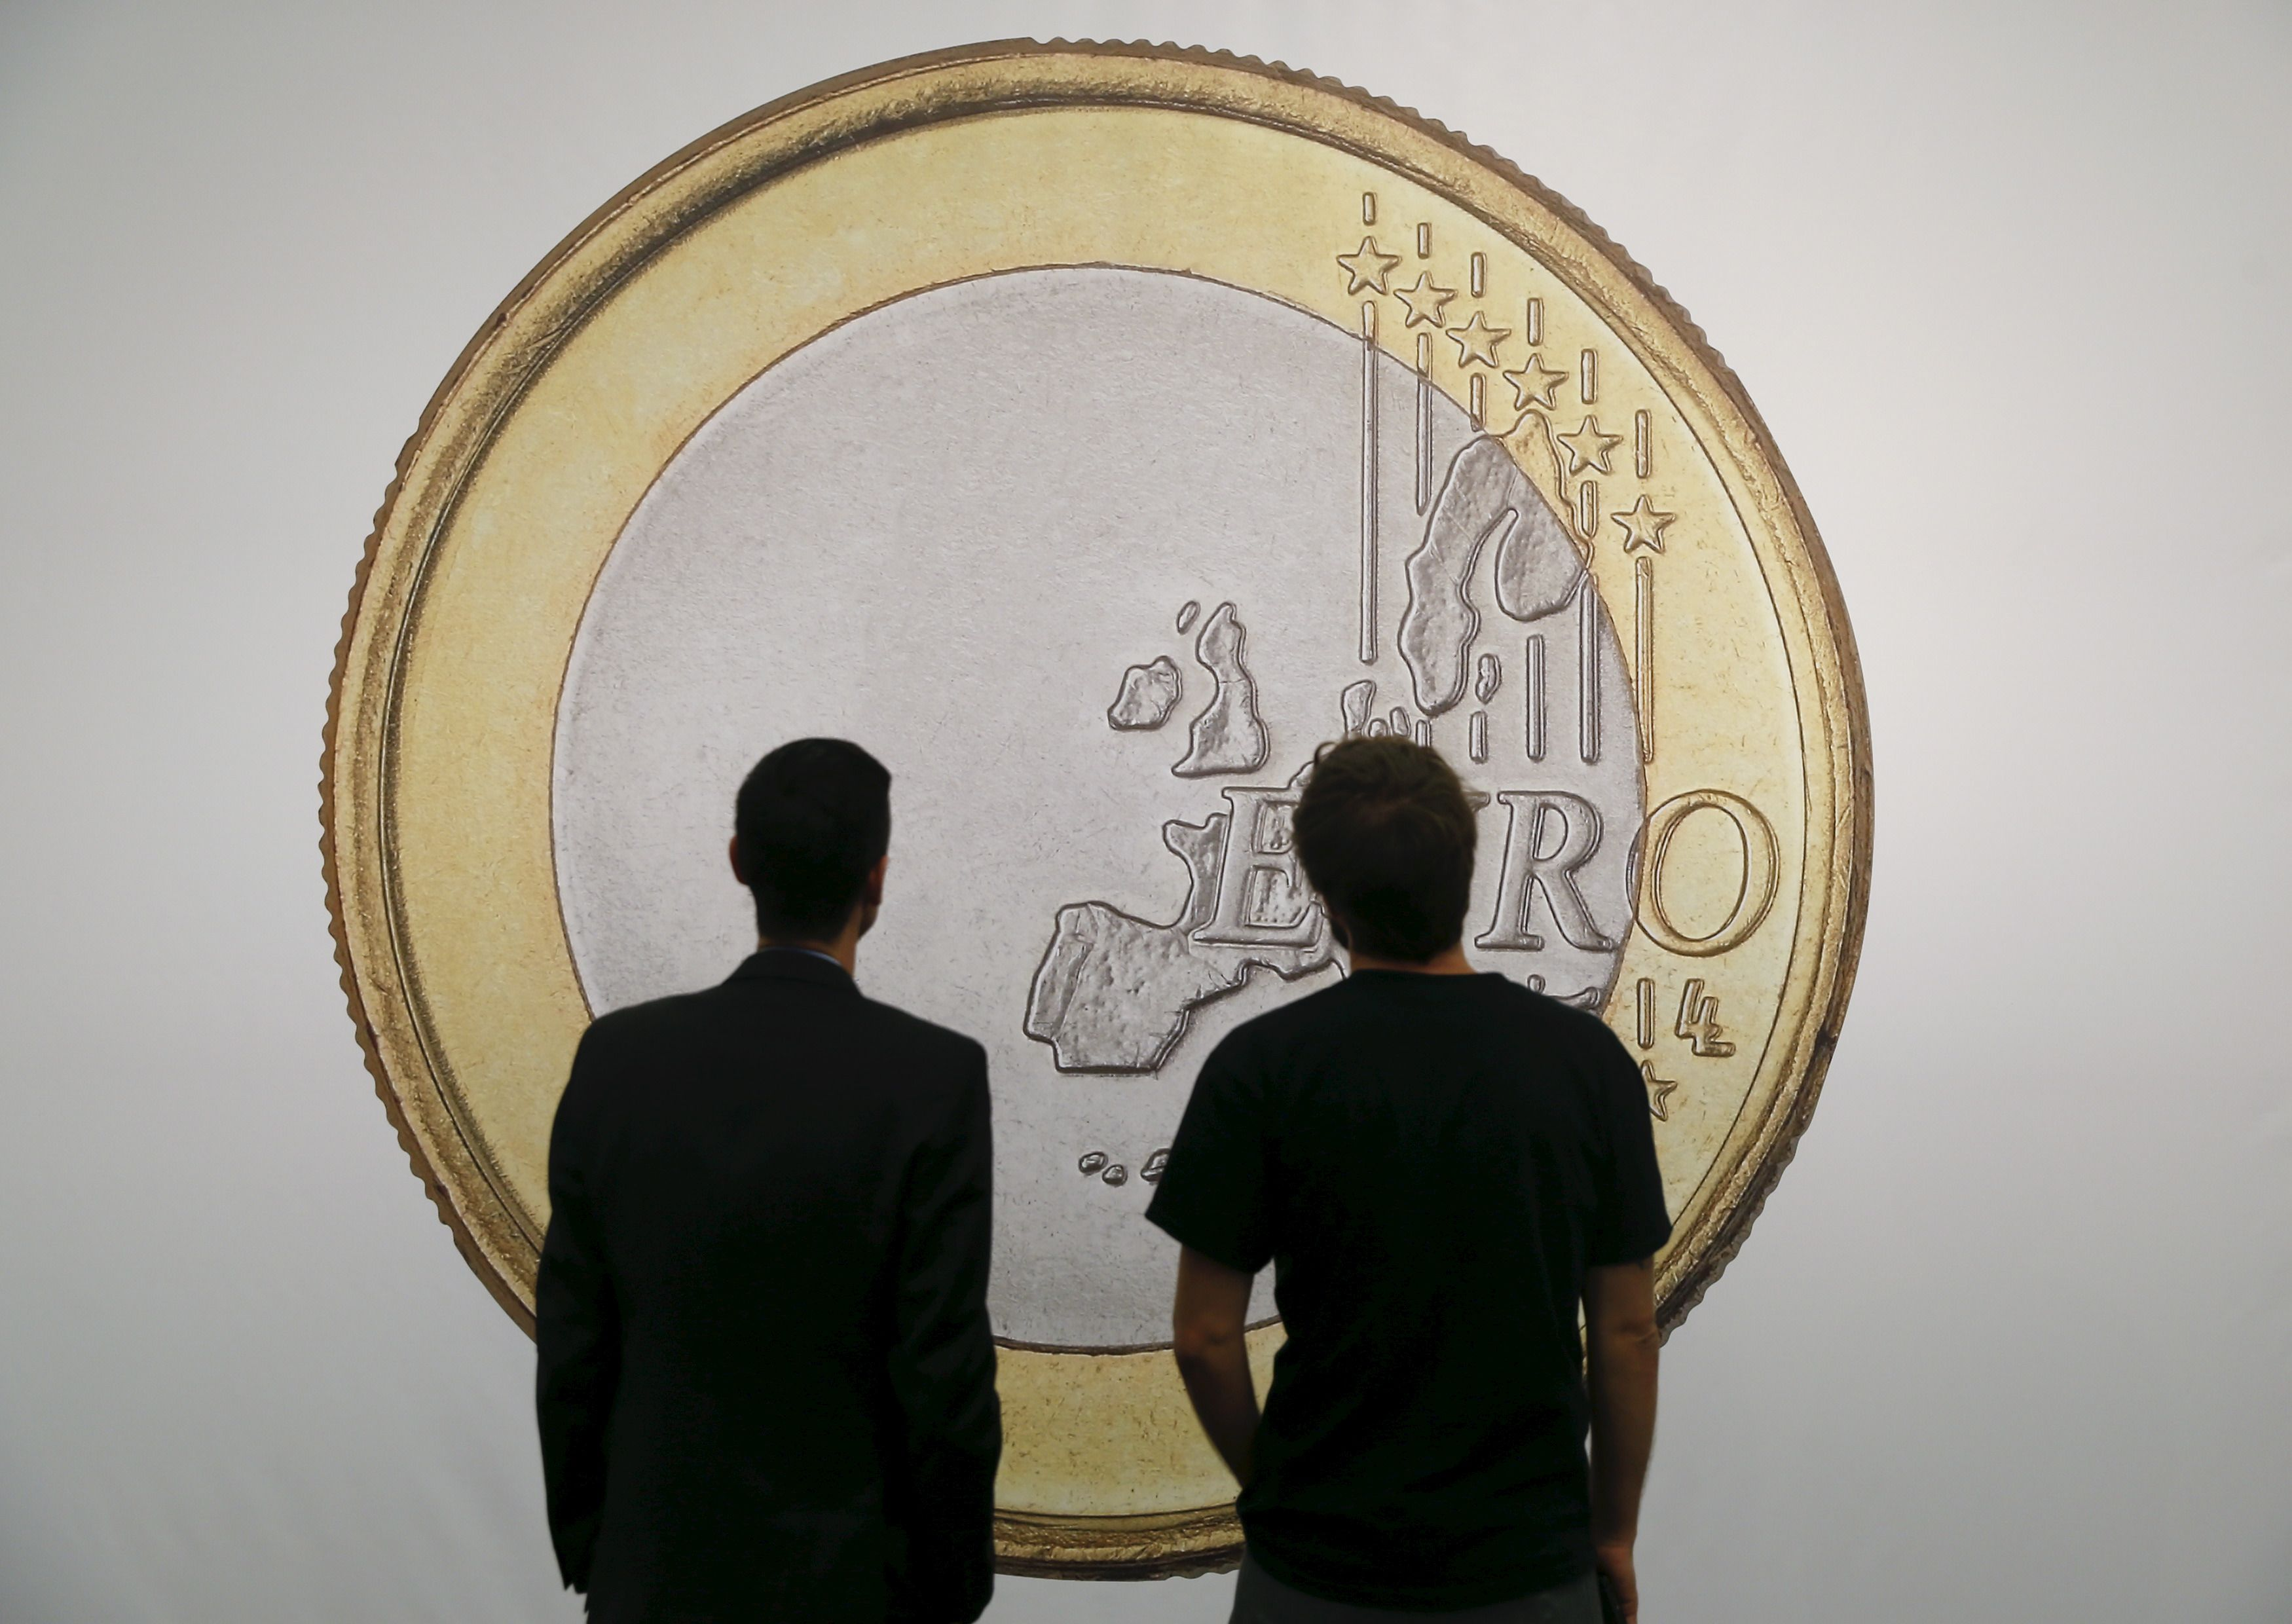 Les 1% les plus riches du monde possèdent plus que les 99% restant